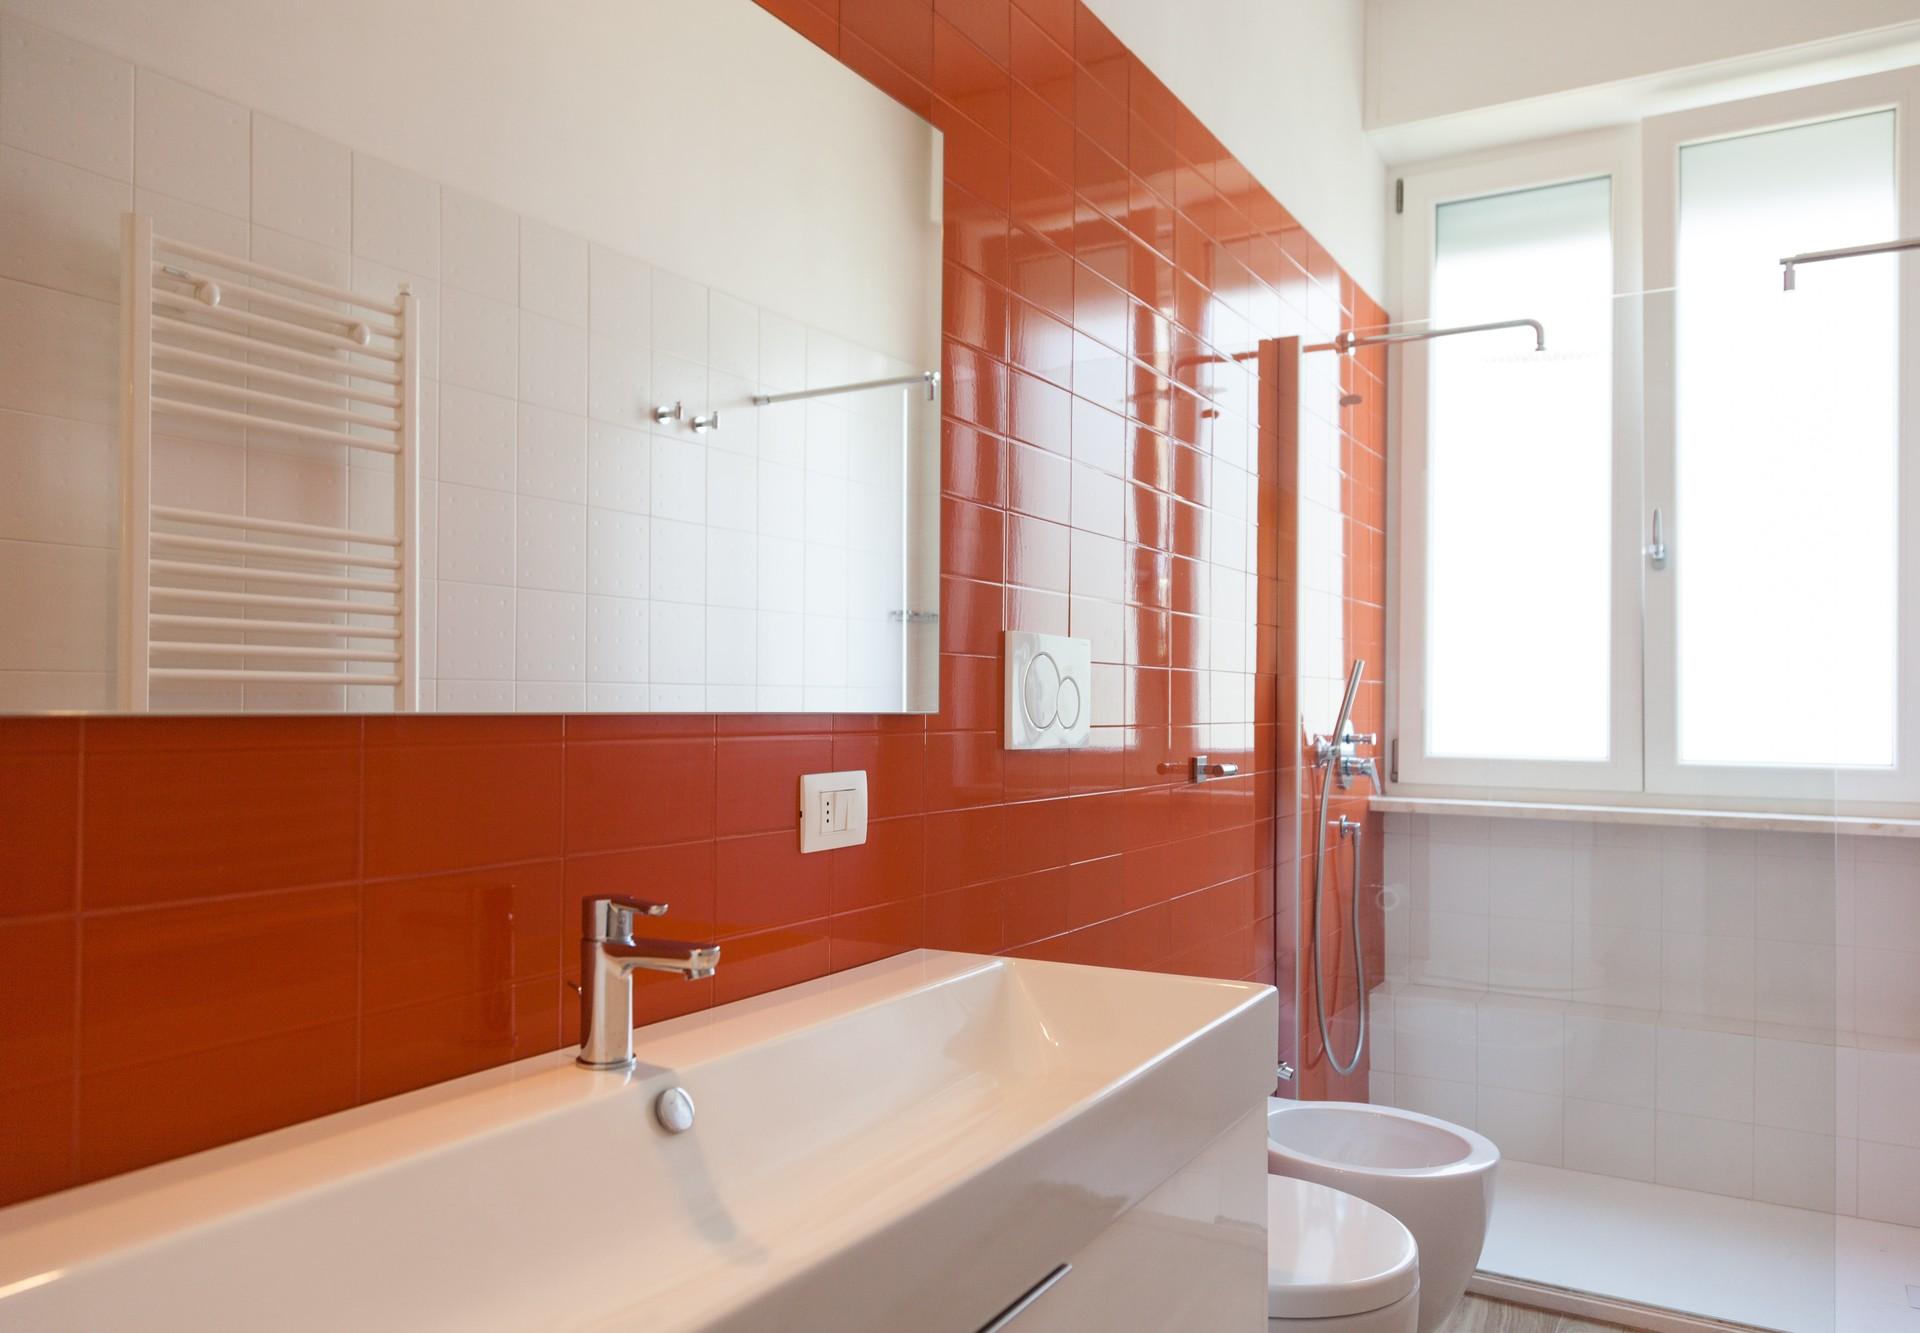 Camera con bagno privato tina teo torino u prezzi aggiornati